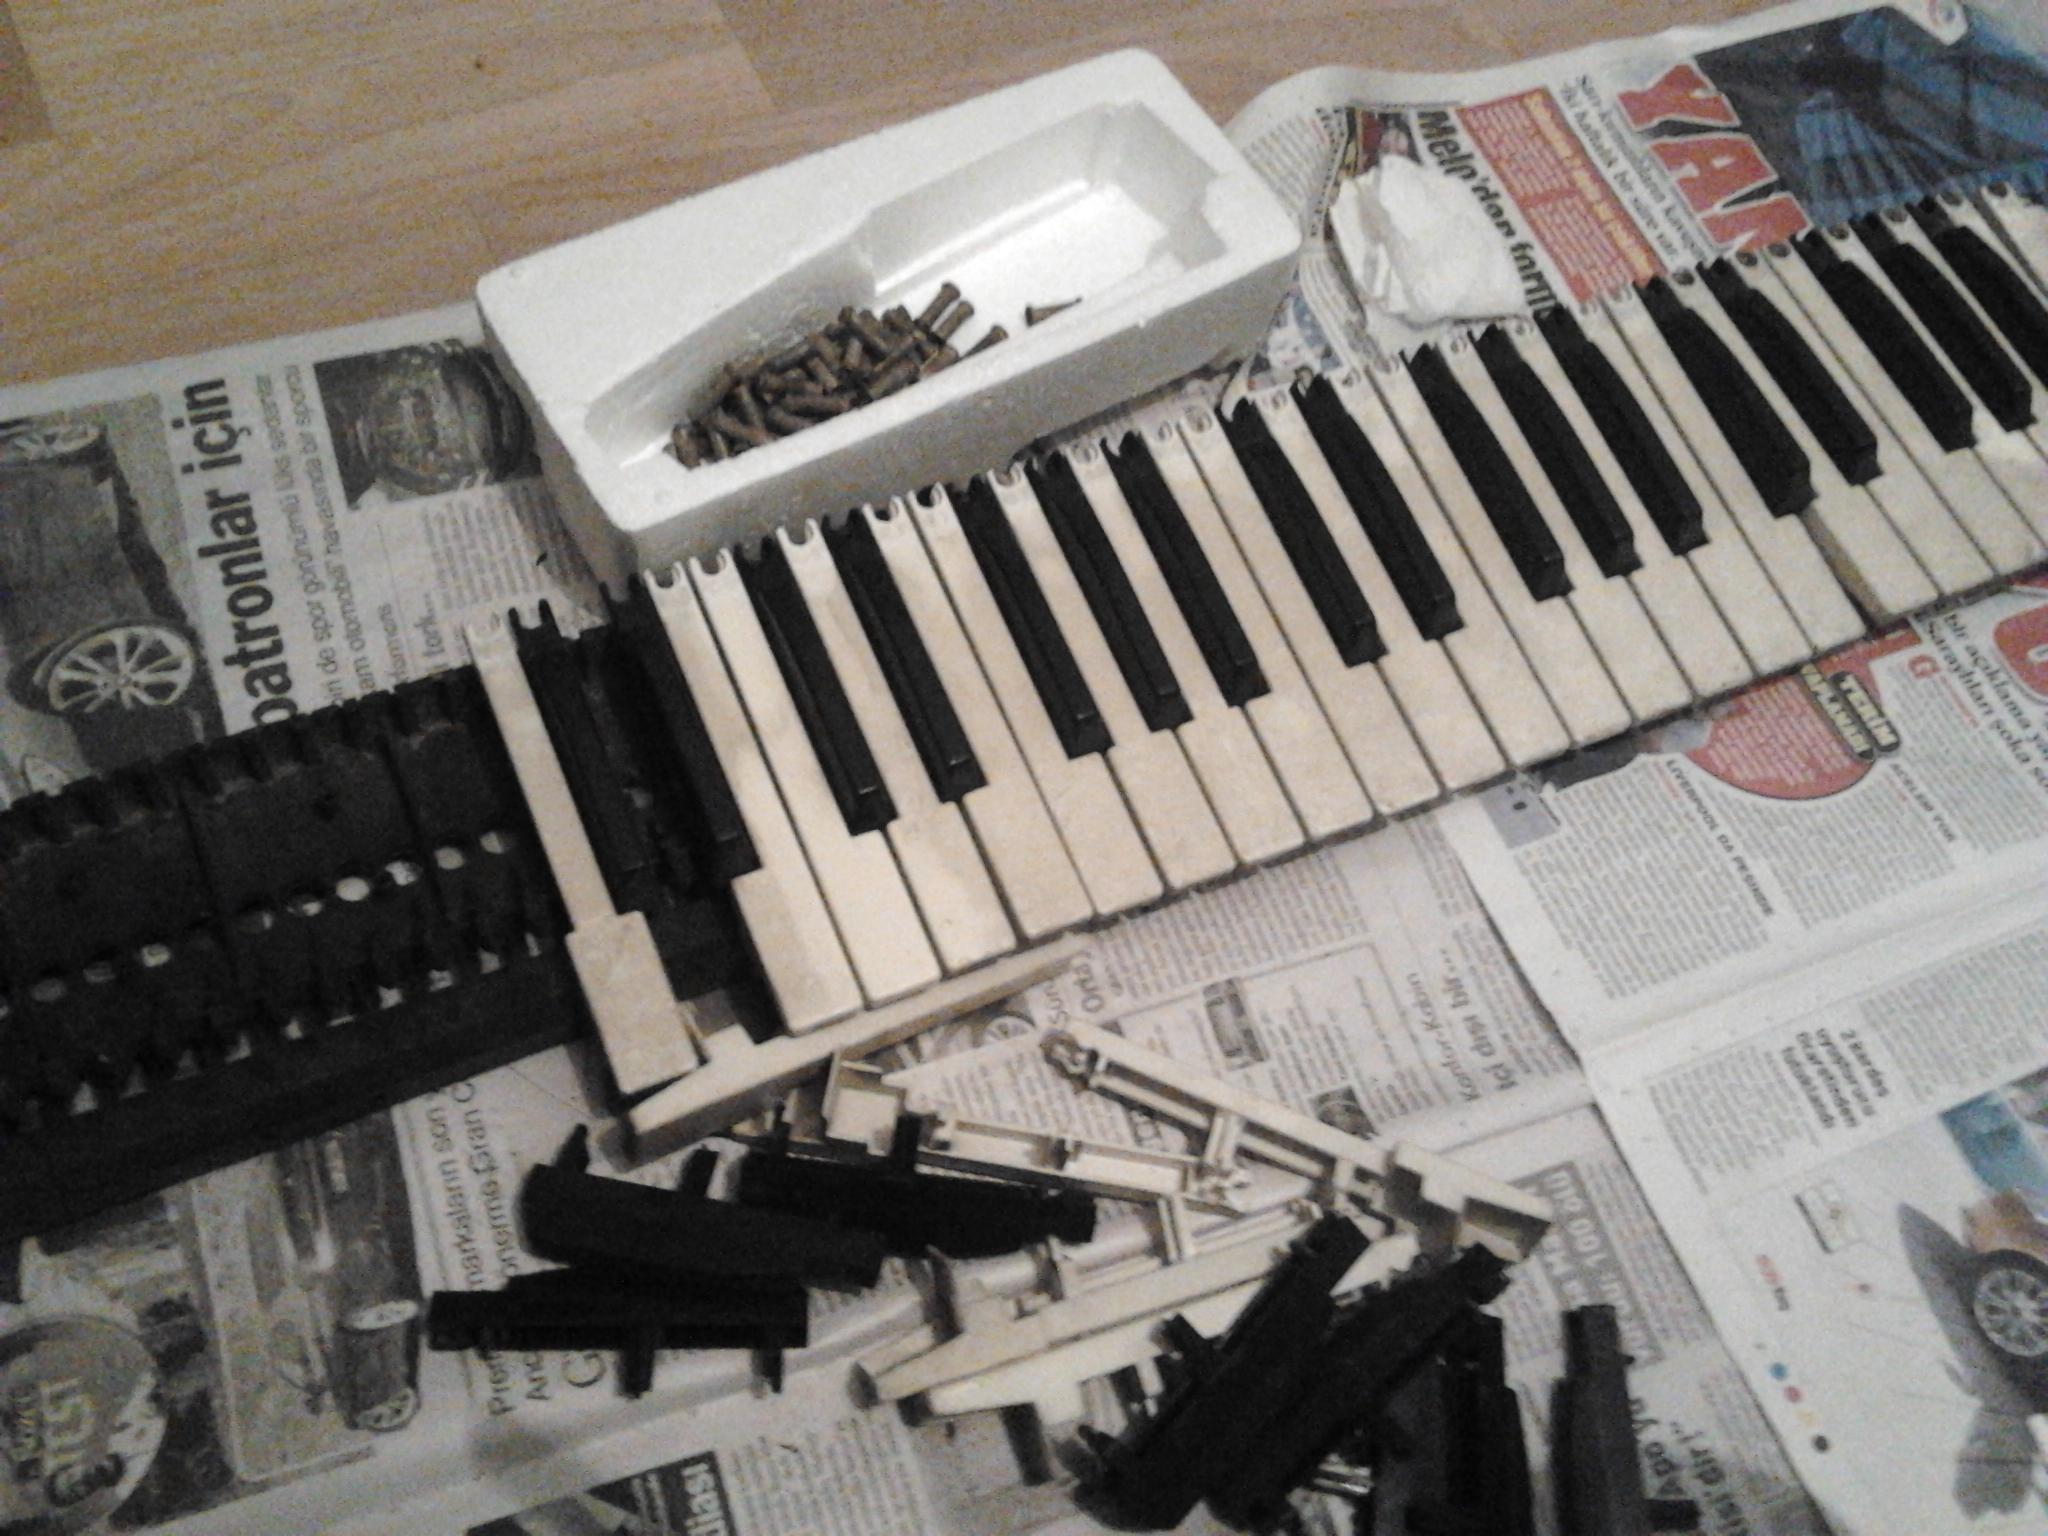 diy midi keyboard - DIY Campbellandkellarteam